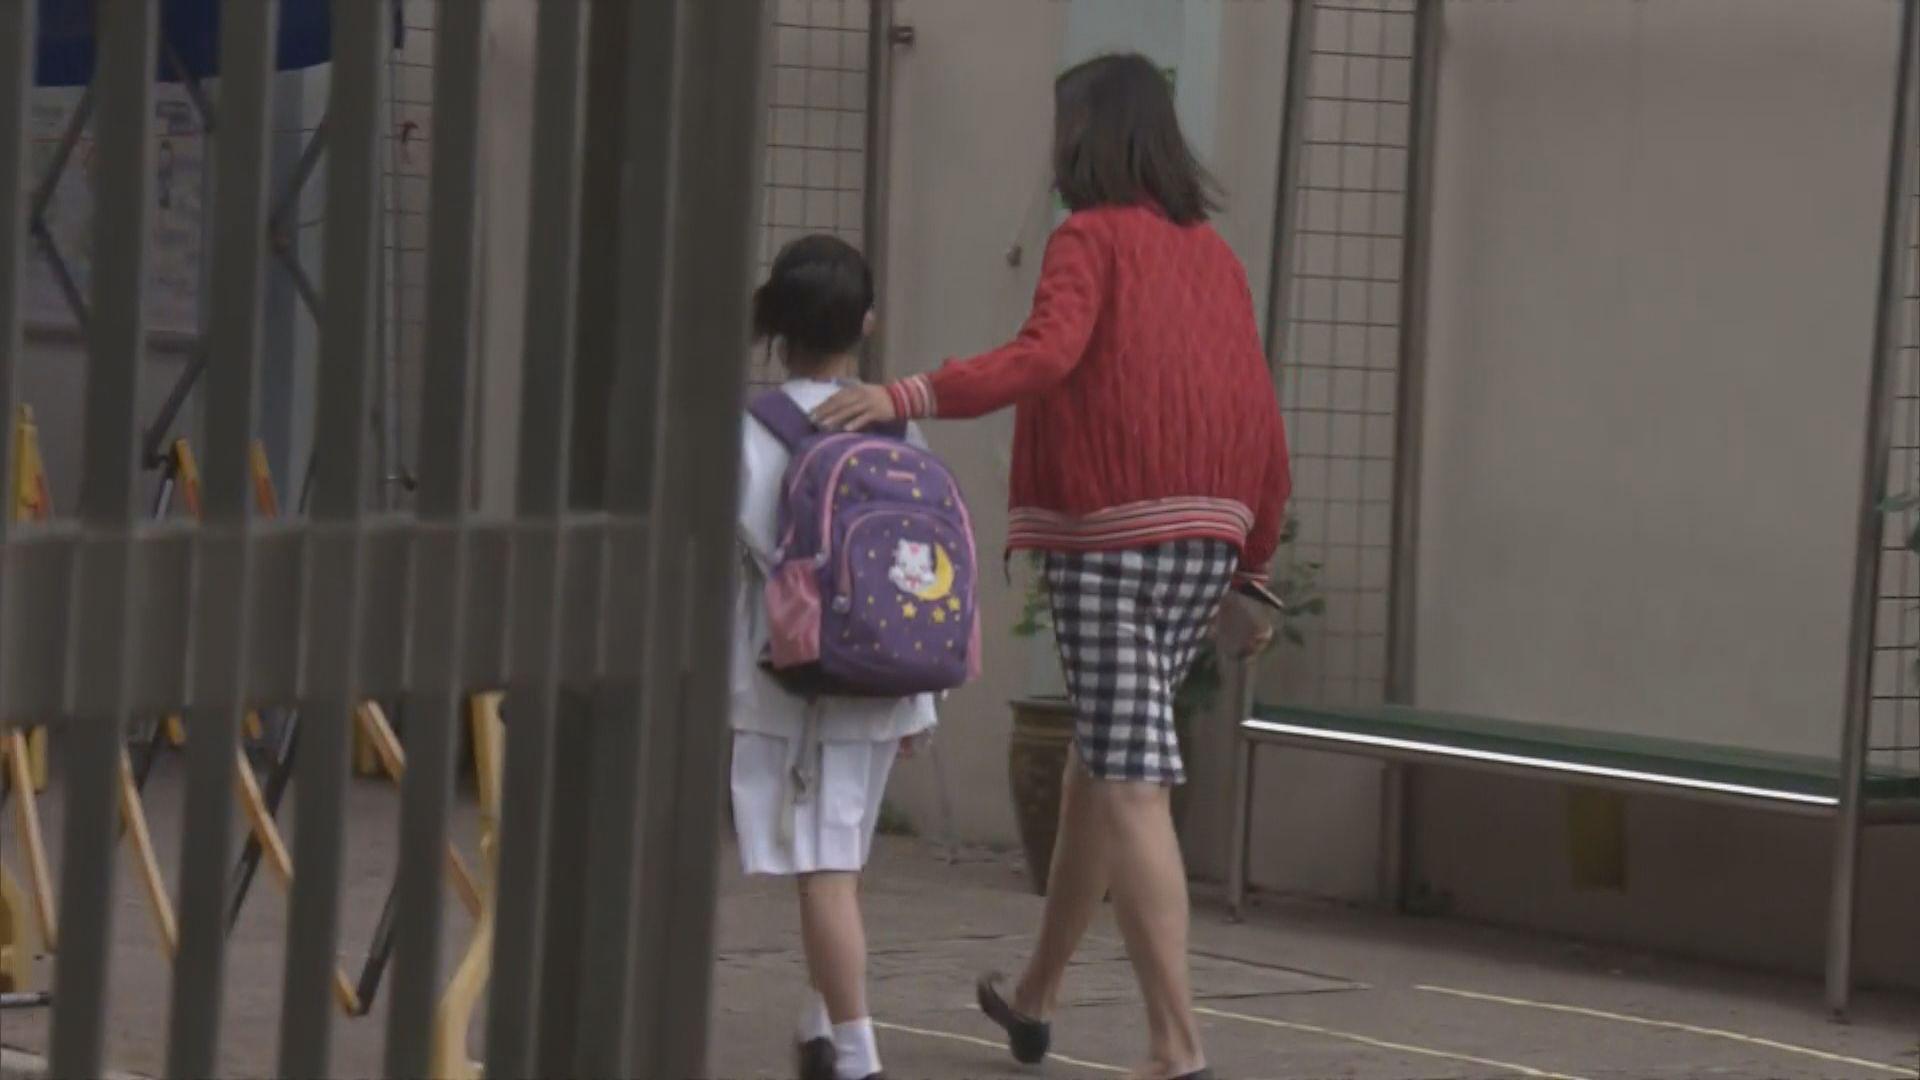 再有教師被取消註冊 學界促檢討懲處機制研不同罰則